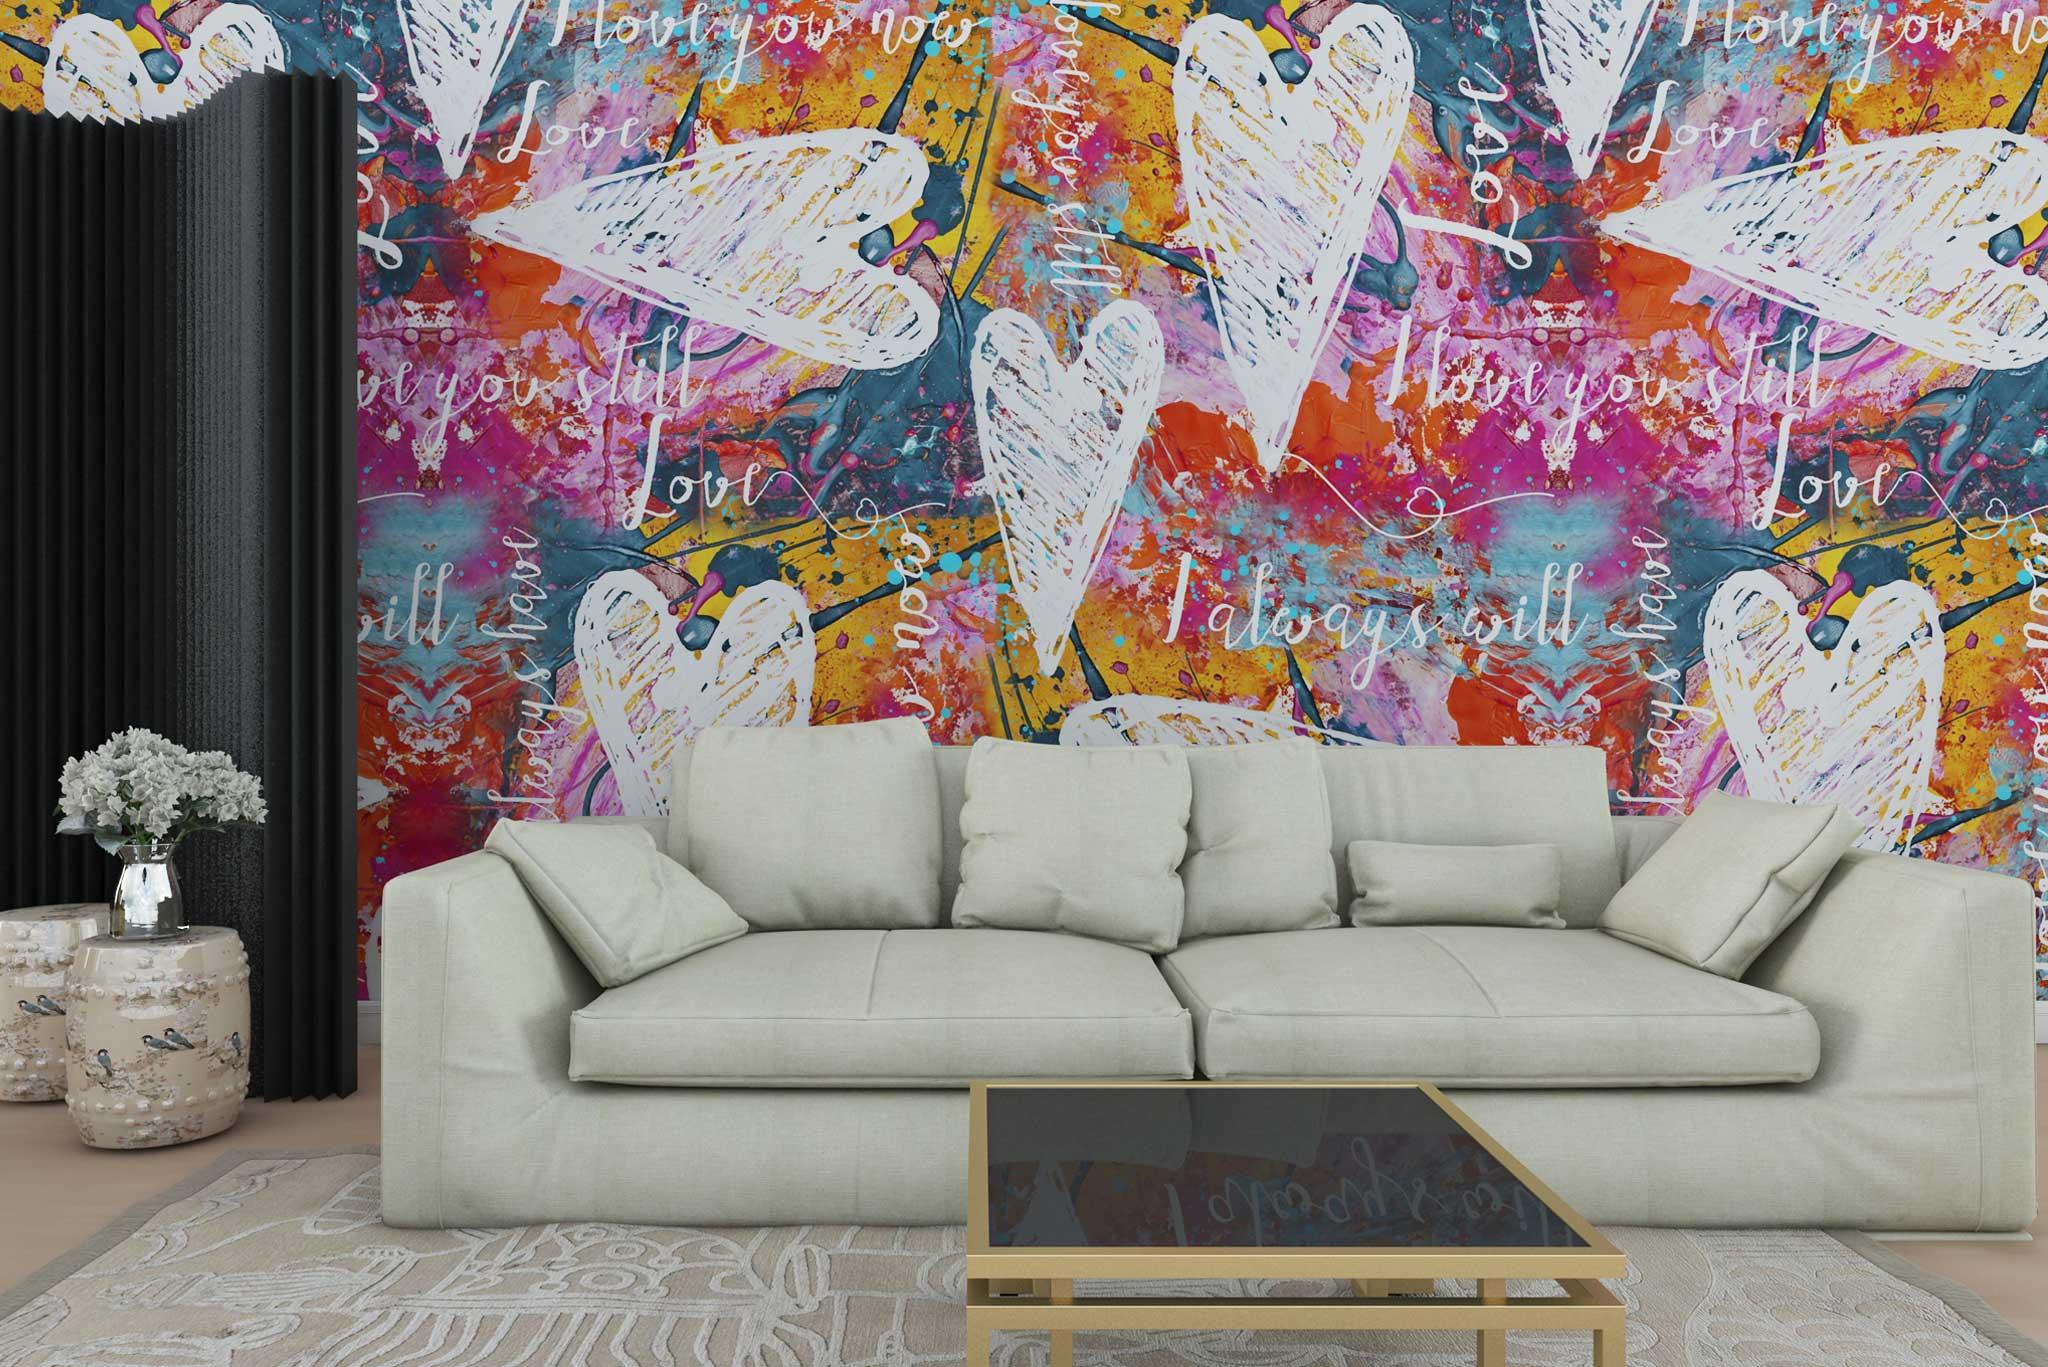 tapet-fototapet-personalizat-comanda-bucuresti-pictura-abstracta-graffitti-multicolor-inimi-litere-perete-lux-special